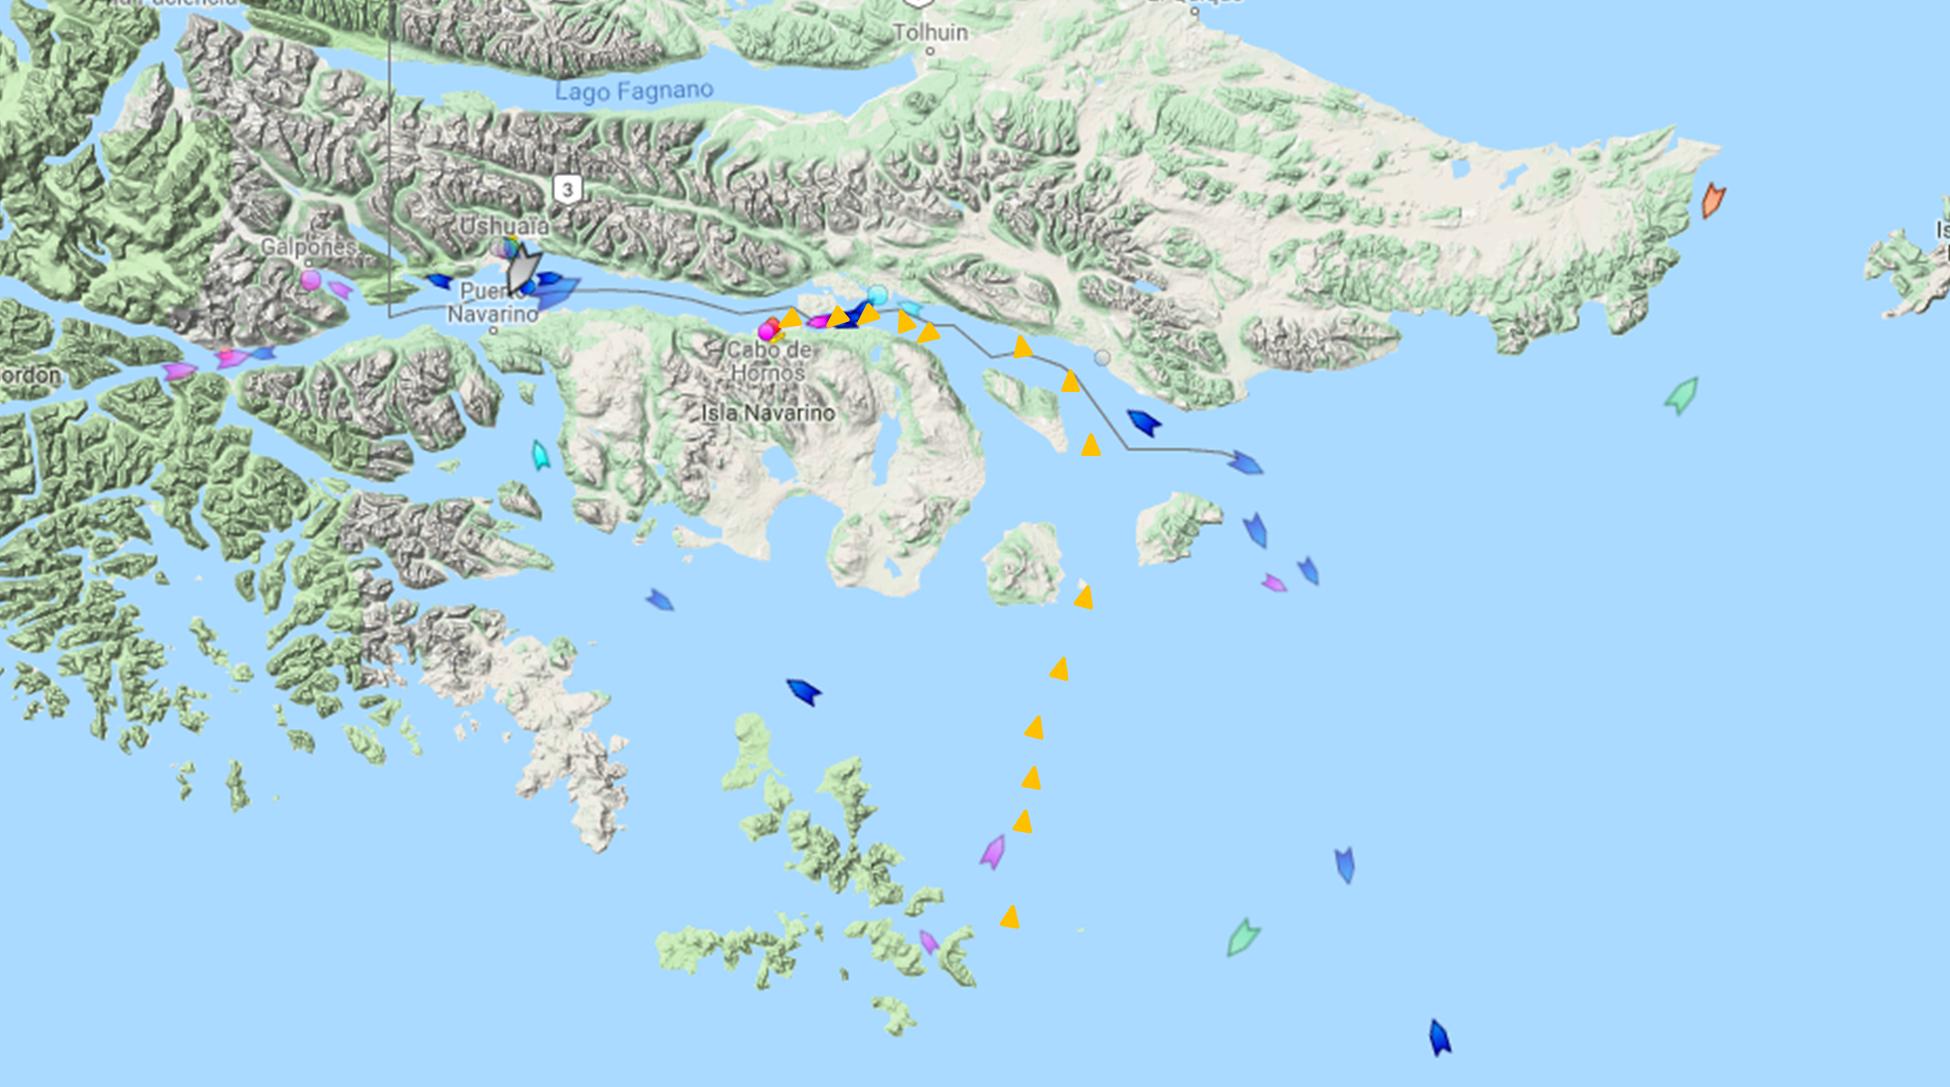 Arrivee trace marine traffic